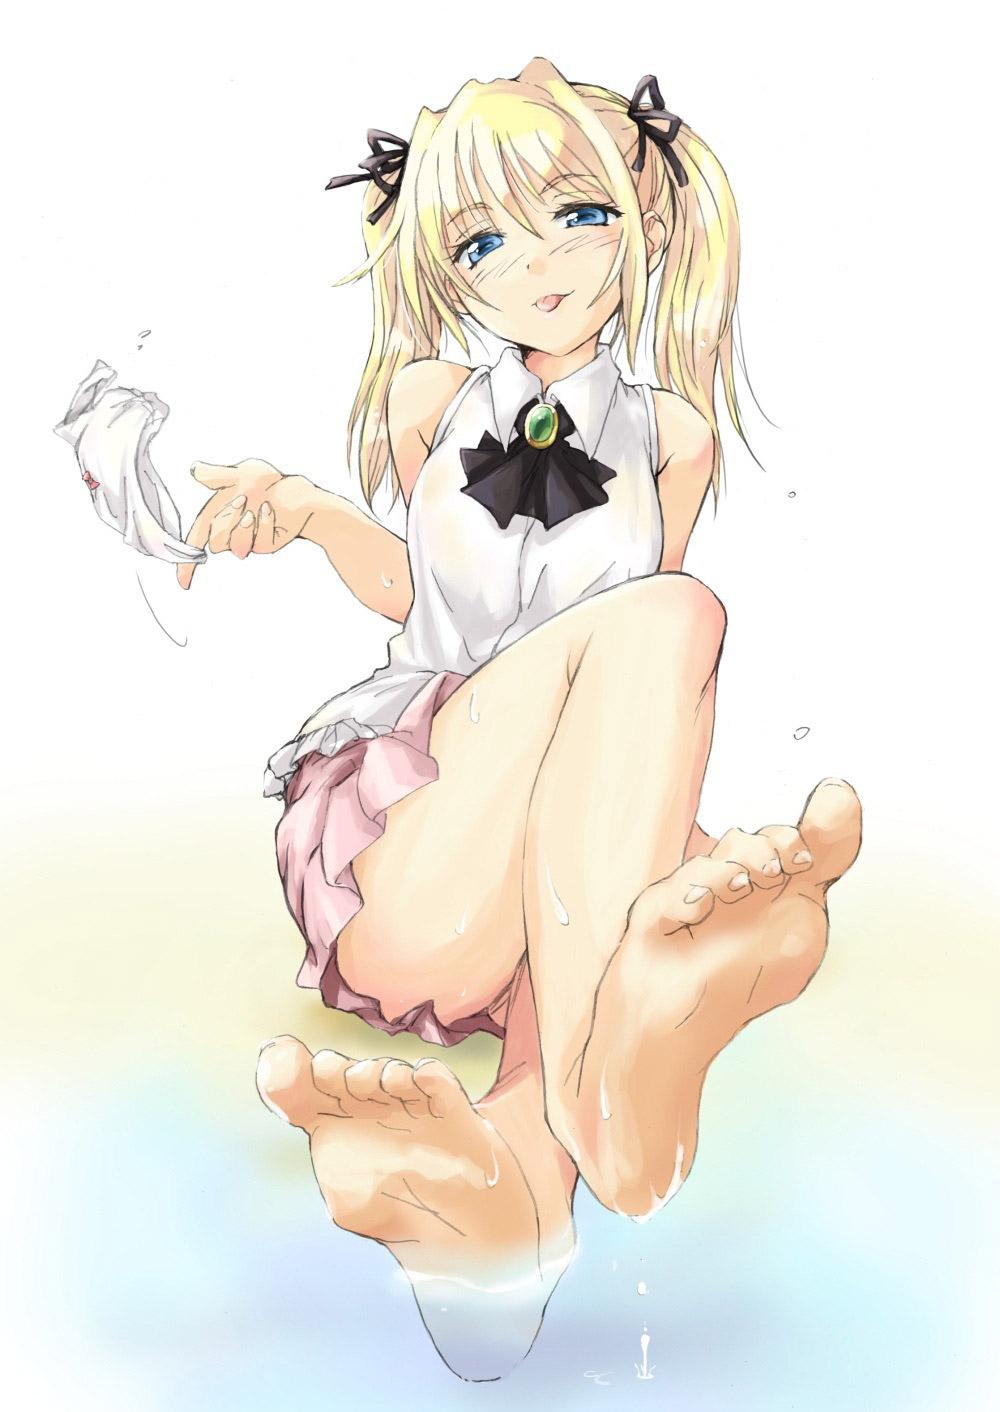 【足裏エロ画像】足の裏のイラストを見ていると足コキされたくなるんだがwww 11